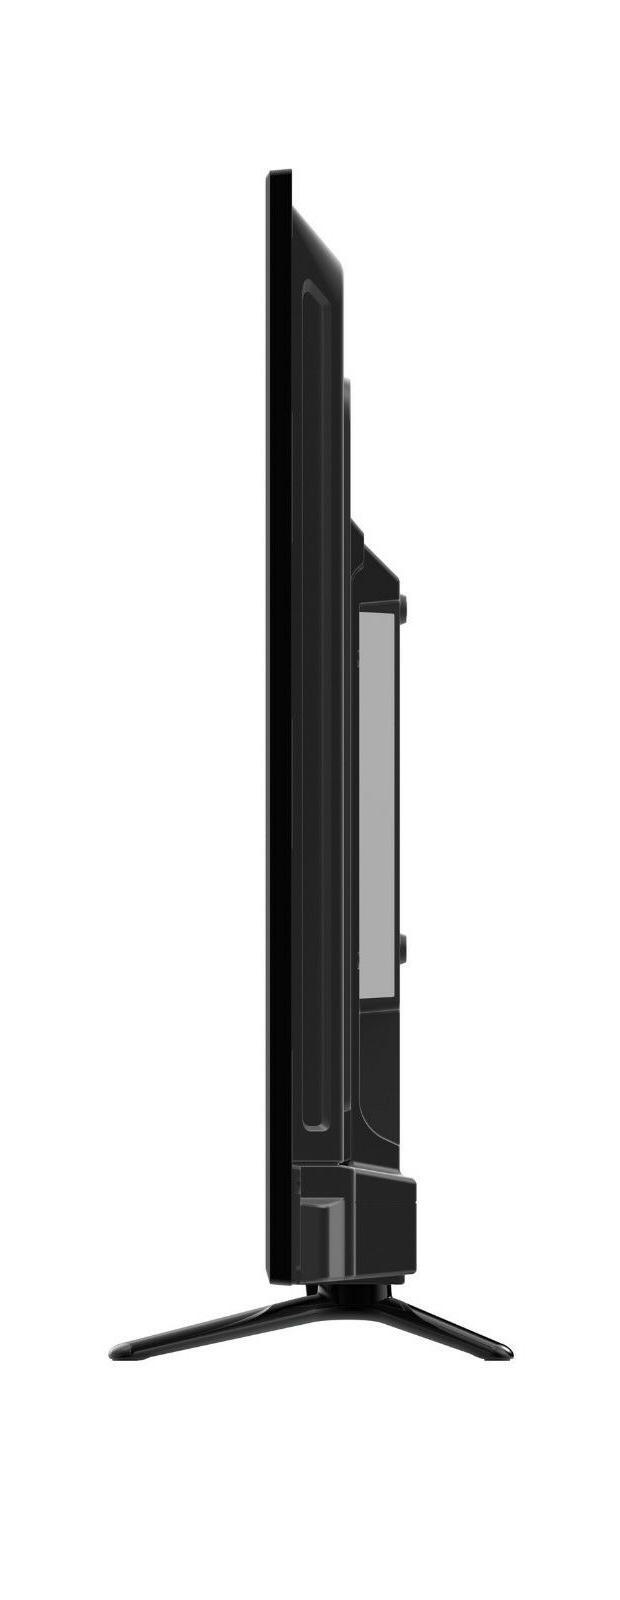 RCA RLDED5098UHD UHD LED - Black